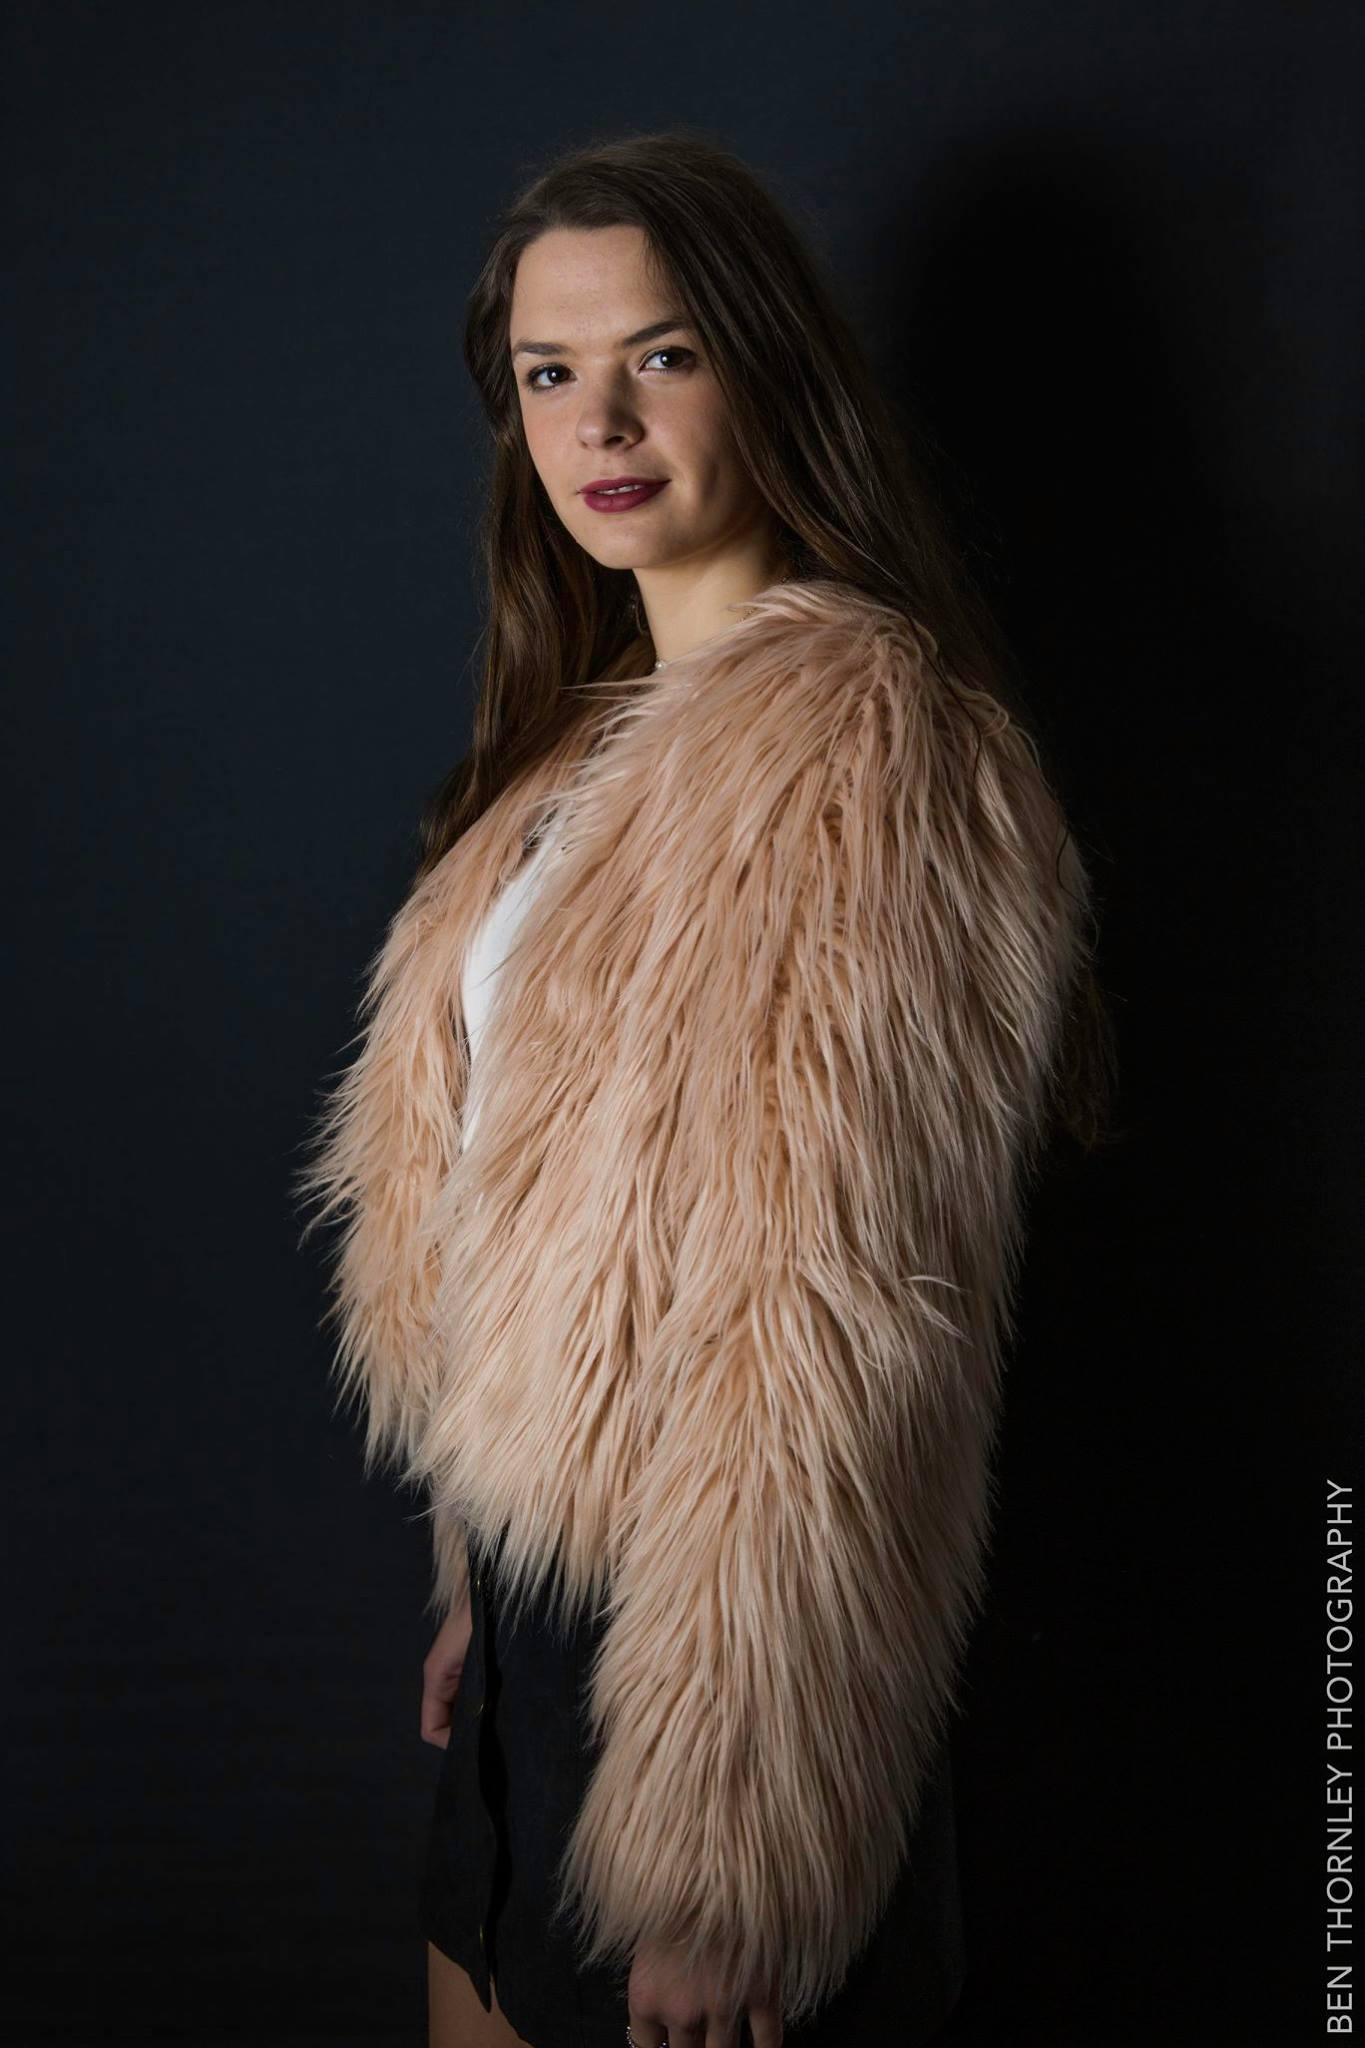 OOTD: Faux Fur Jacket